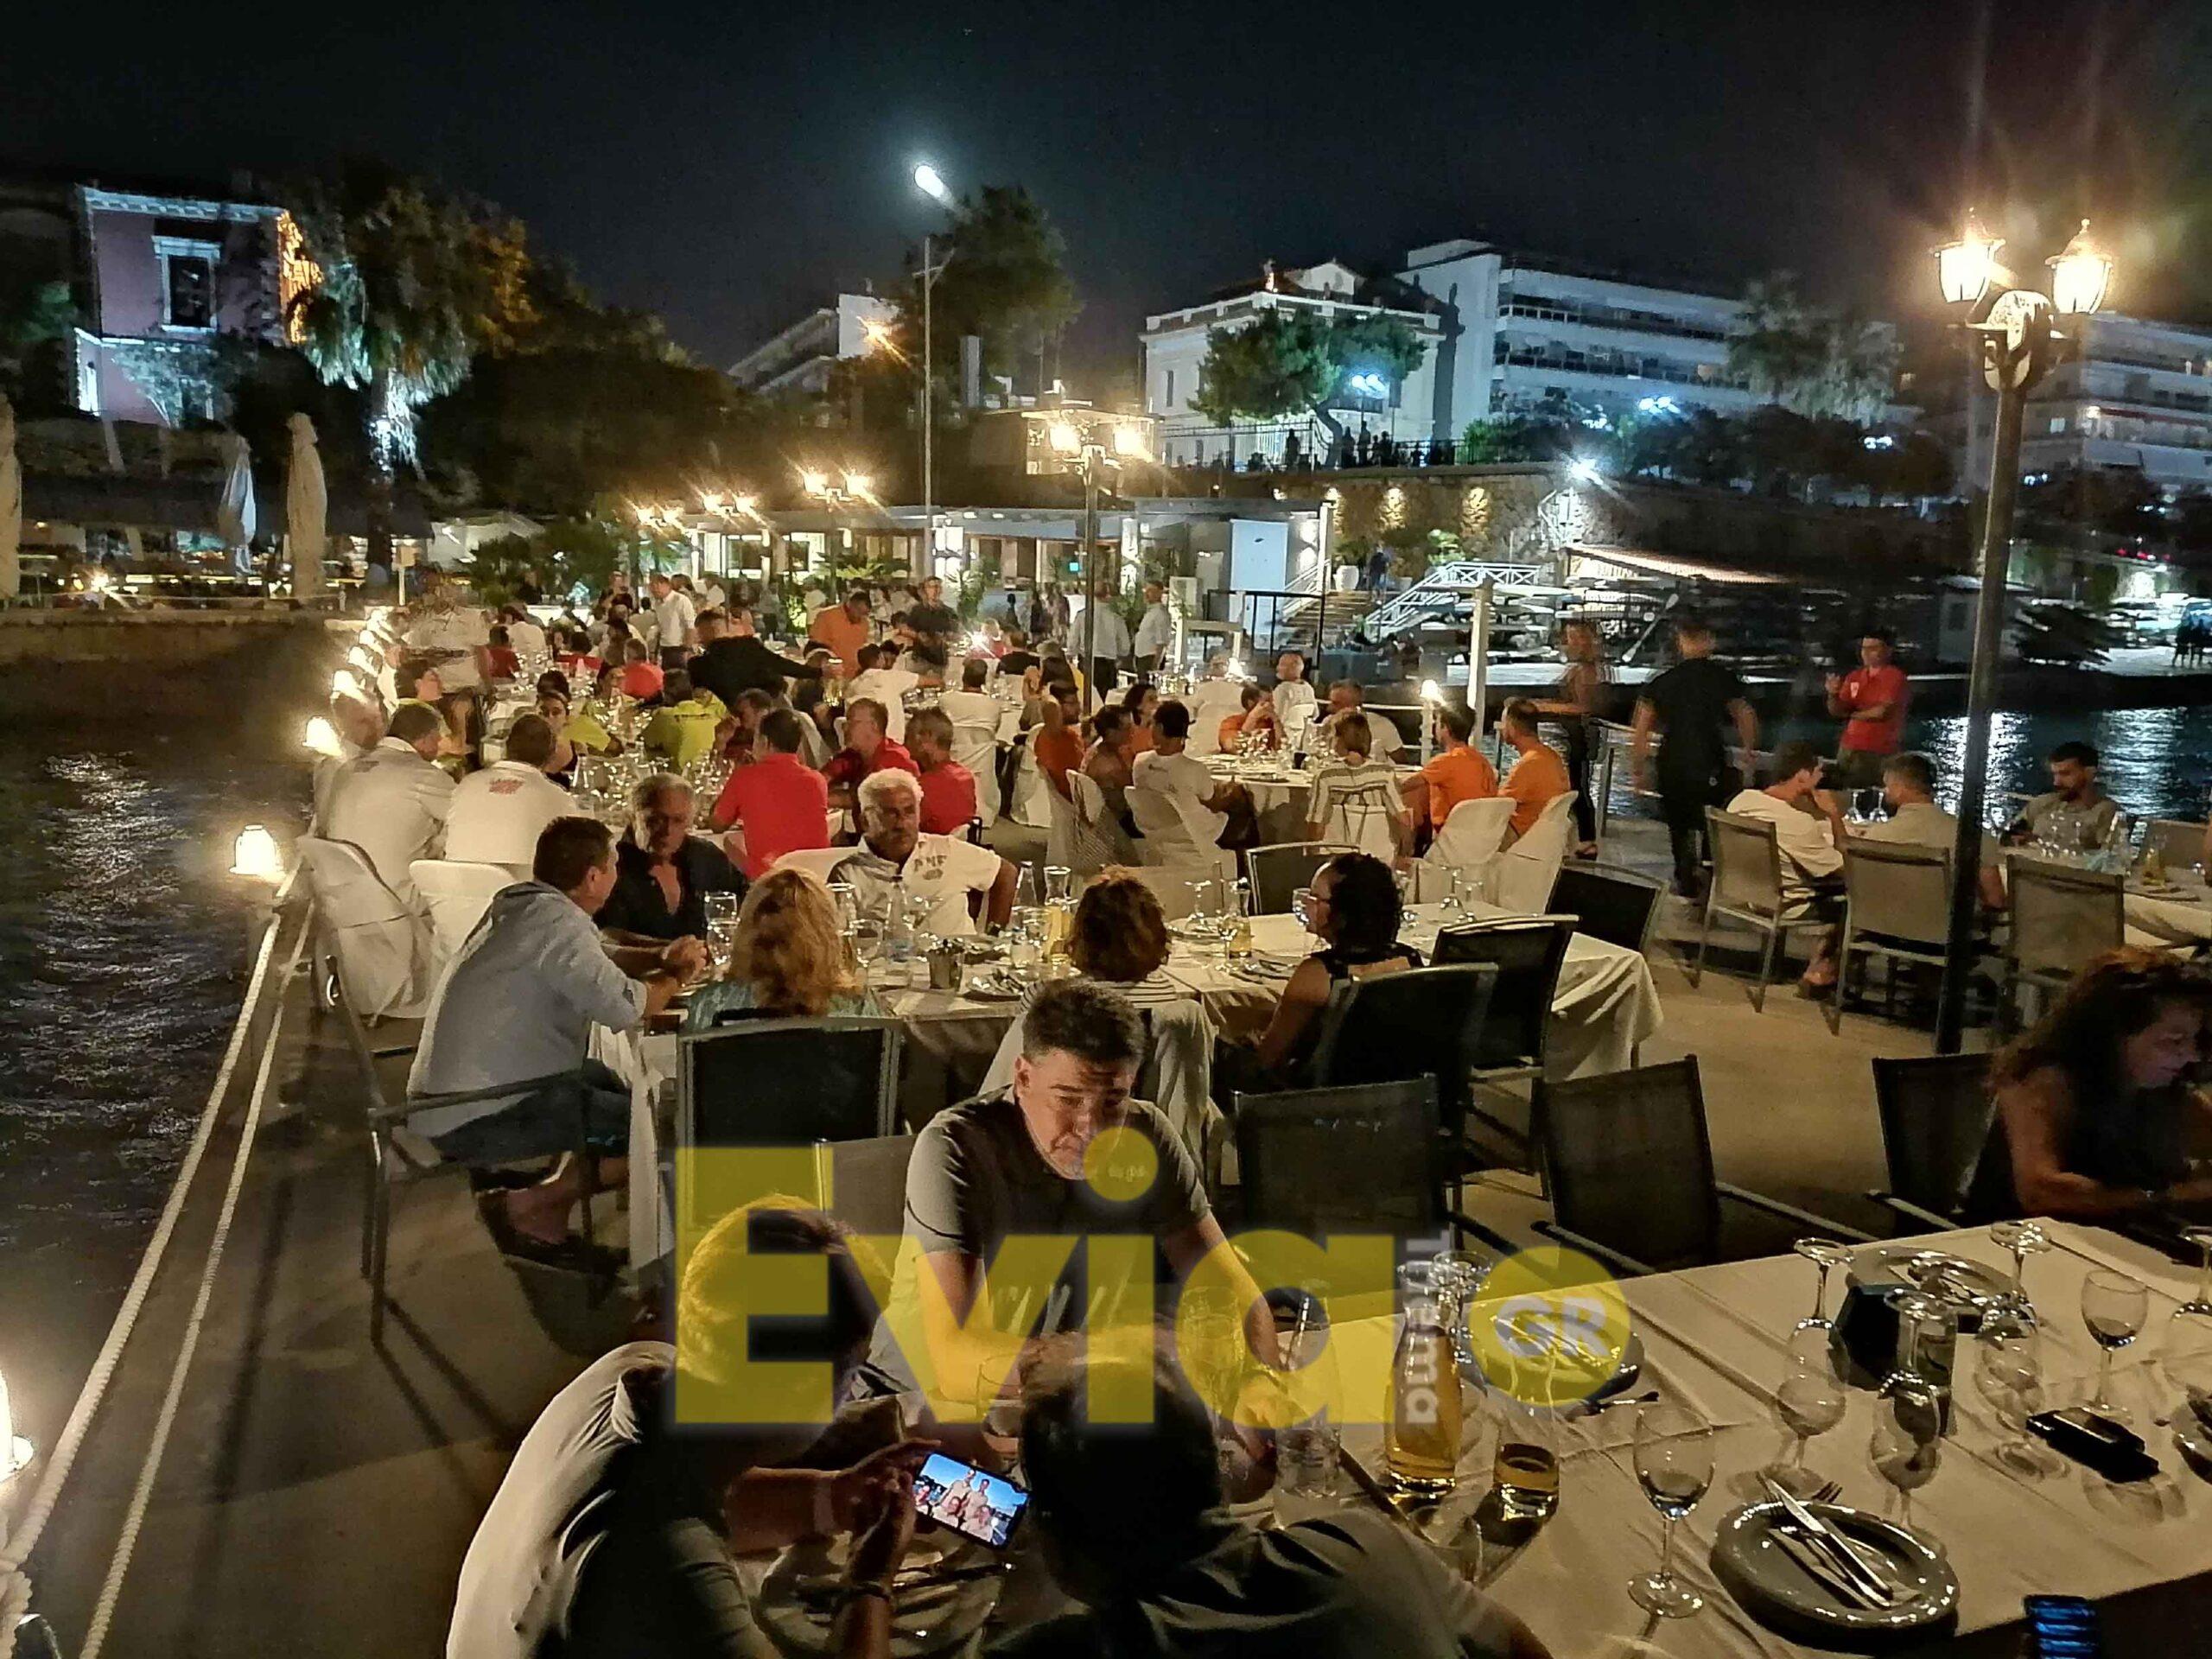 έναρξης της Νήσος Εύβοια - Regatta 2020, Πραγματοποιήθηκε η εκδήλωση έναρξης της Νήσος Εύβοια – Regatta 2020 [ΦΩΤΟΓΡΑΦΙΕΣ – ΒΙΝΤΕΟ], Eviathema.gr | Εύβοια Τοπ Νέα Ειδήσεις